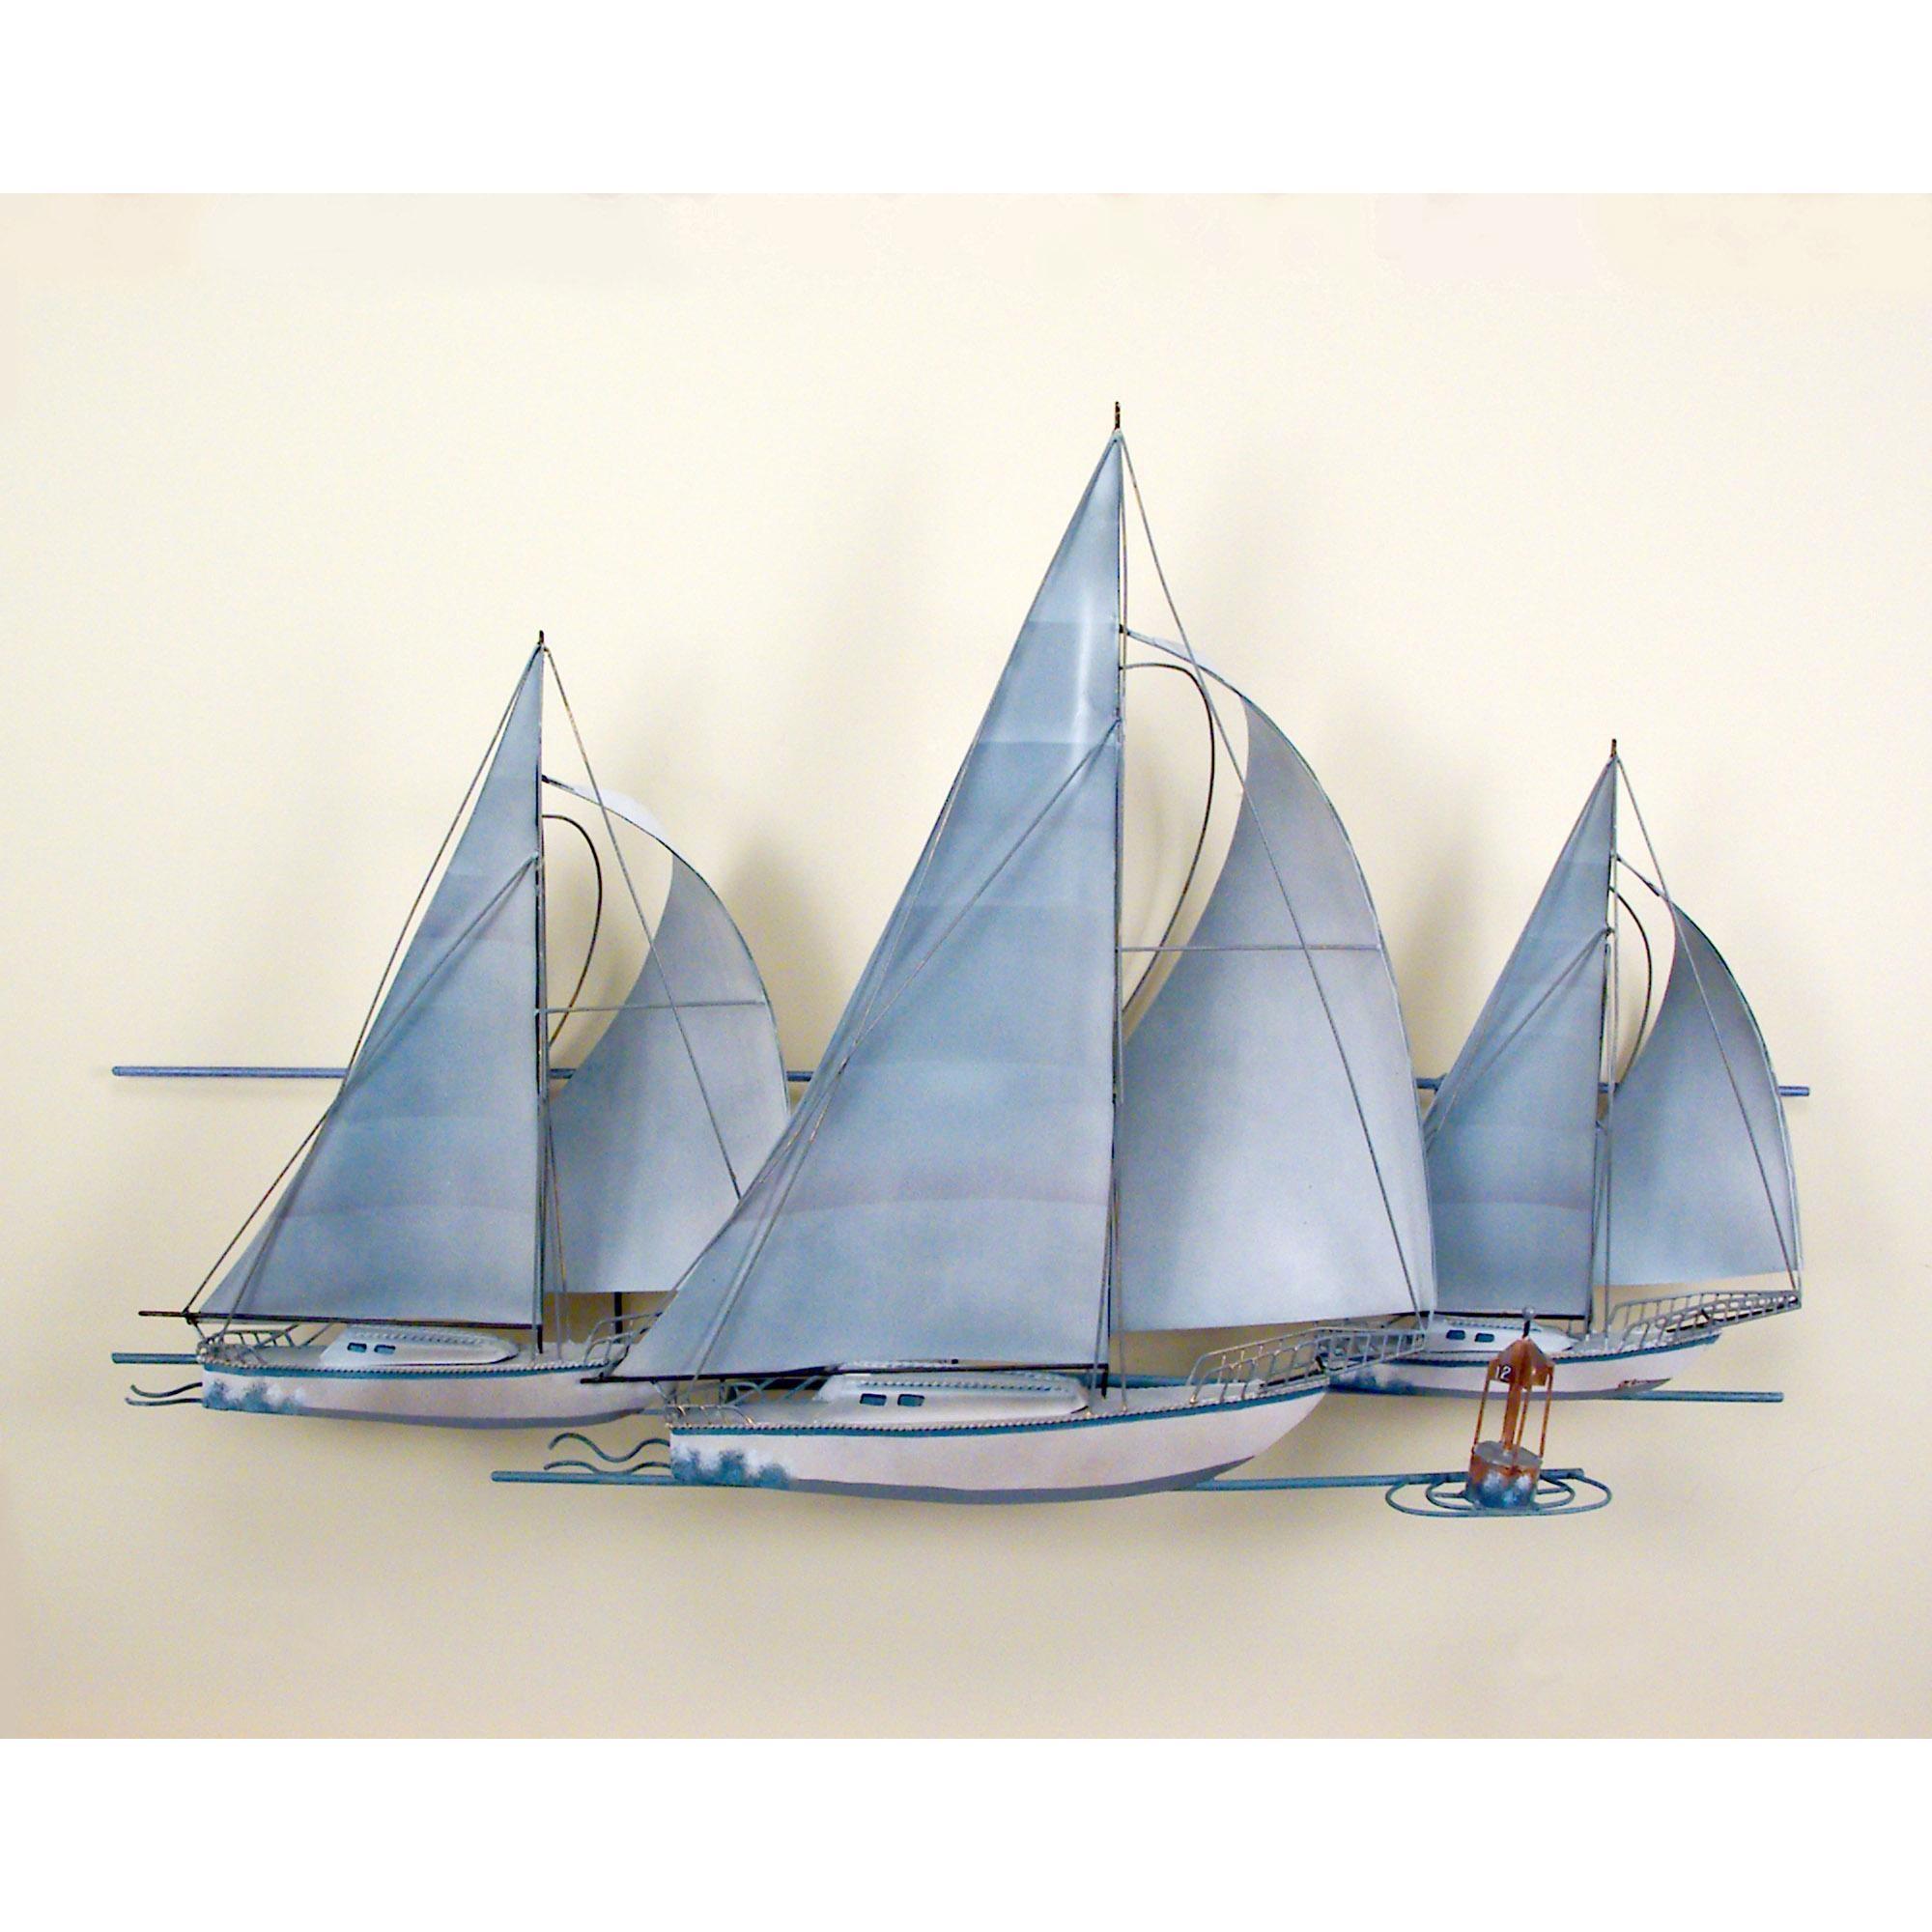 At The Races,three Sail Boats, Race, Wall Art, Wall Hanging Throughout Sailboat Metal Wall Art (Image 3 of 20)